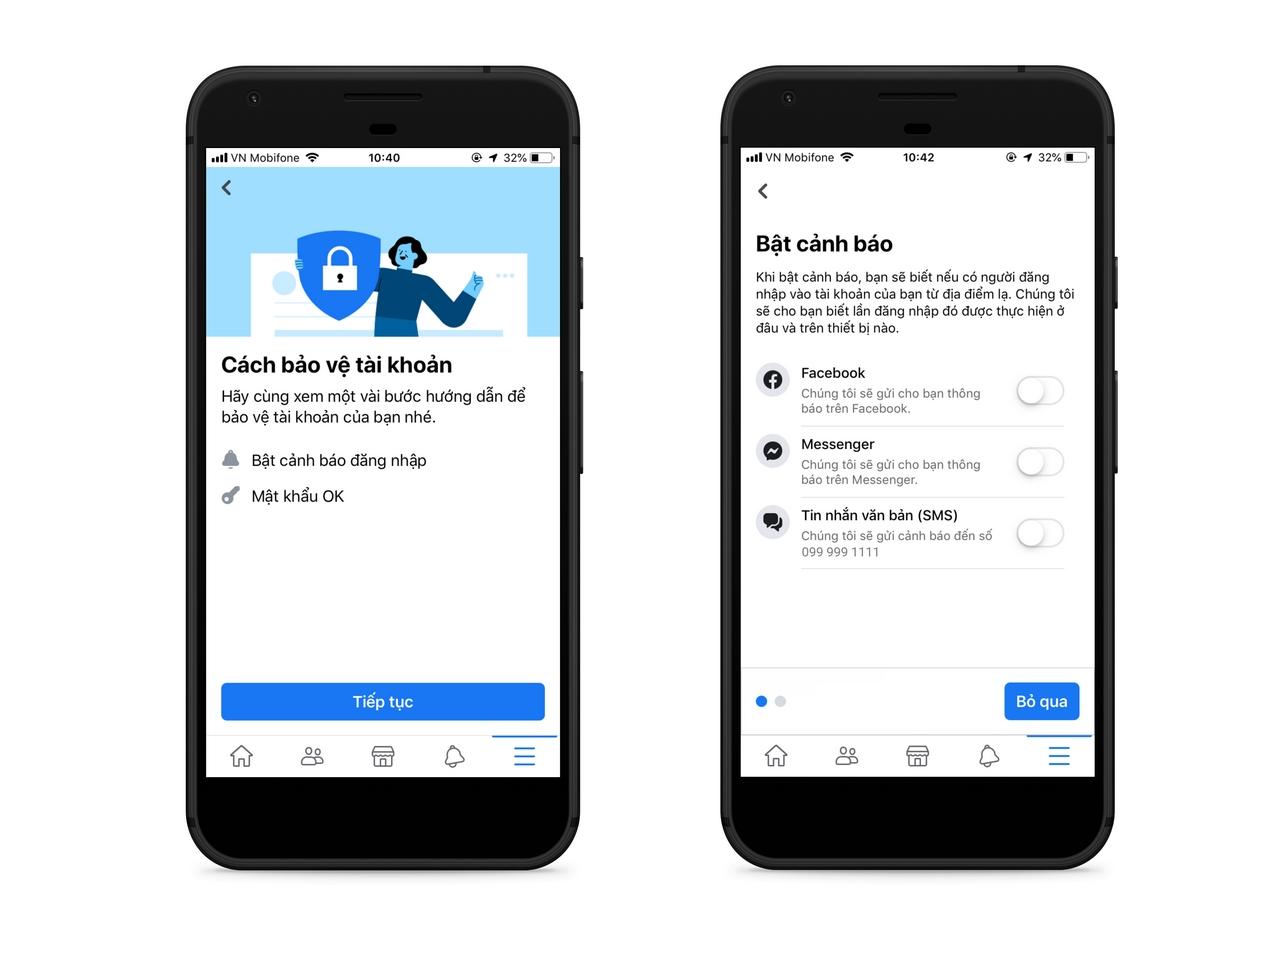 Facebook cập nhật công cụ kiểm tra quyền riêng tư, nên xem lại ngay 4 thiết lập này nếu không muốn bị hack tài khoản